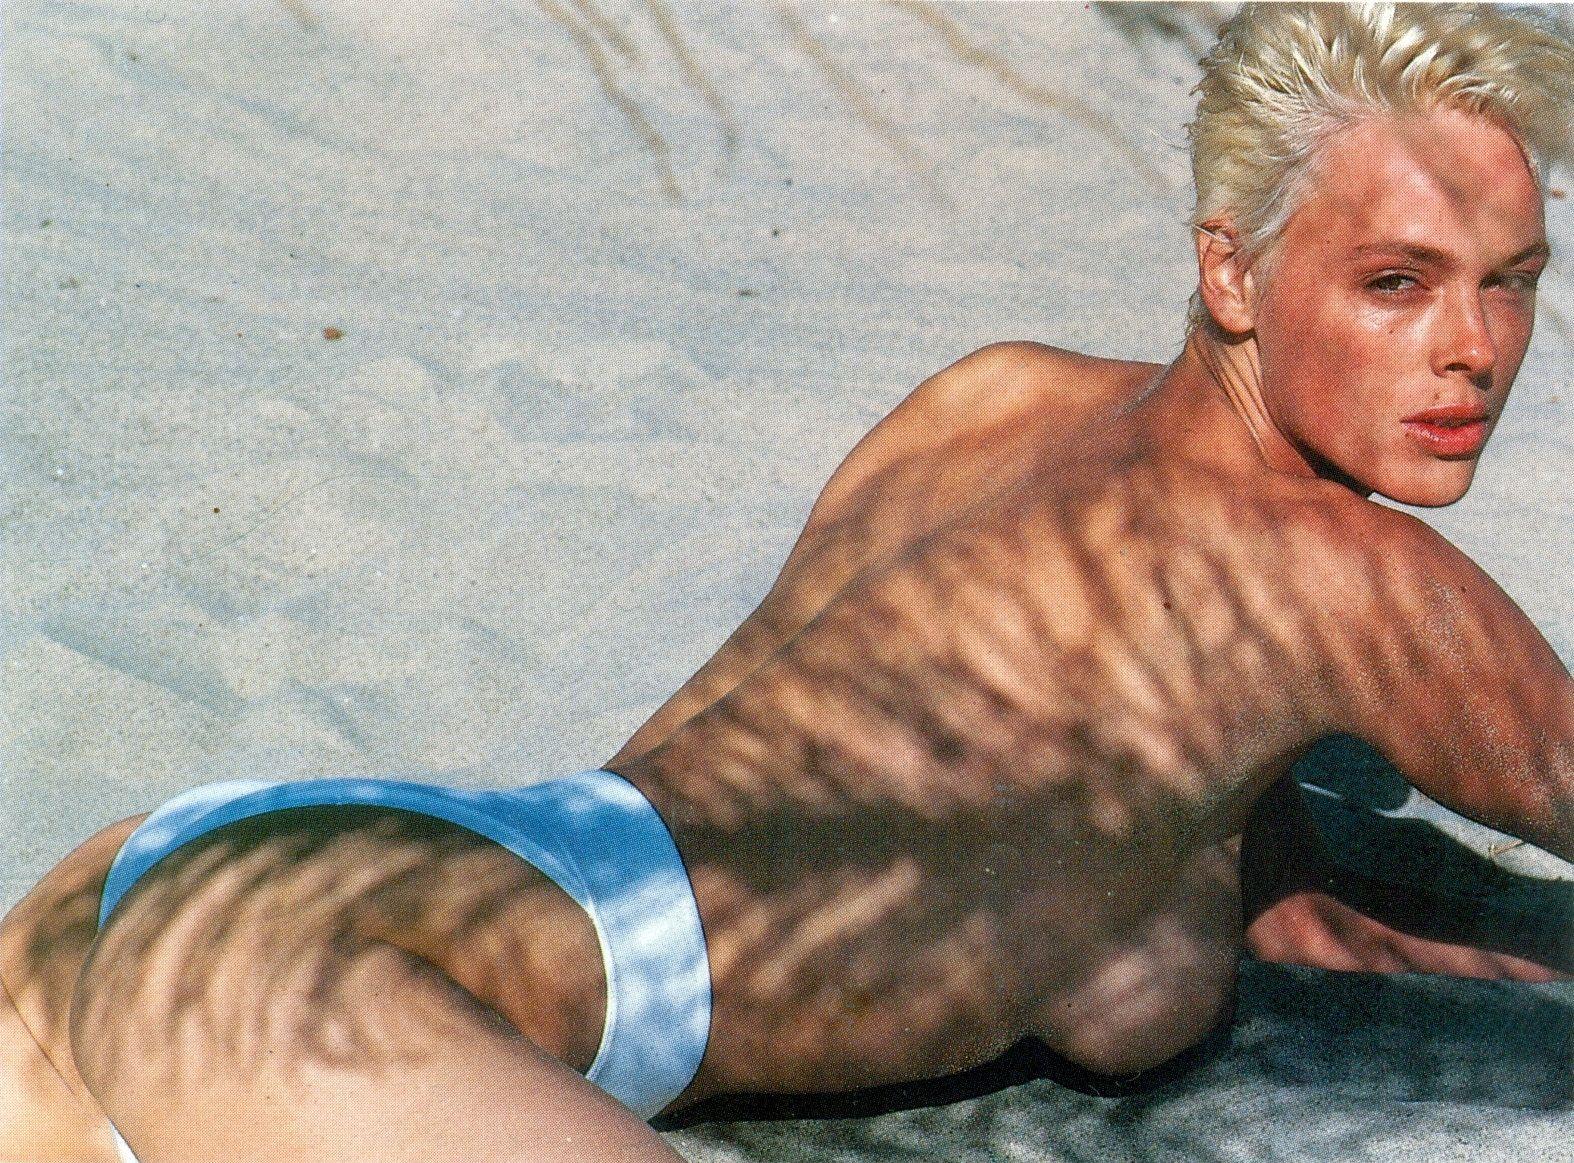 Brigitte Nielsen: Brigitte Nielsen, Malibu, 1987, By Herb Ritts Brigitte